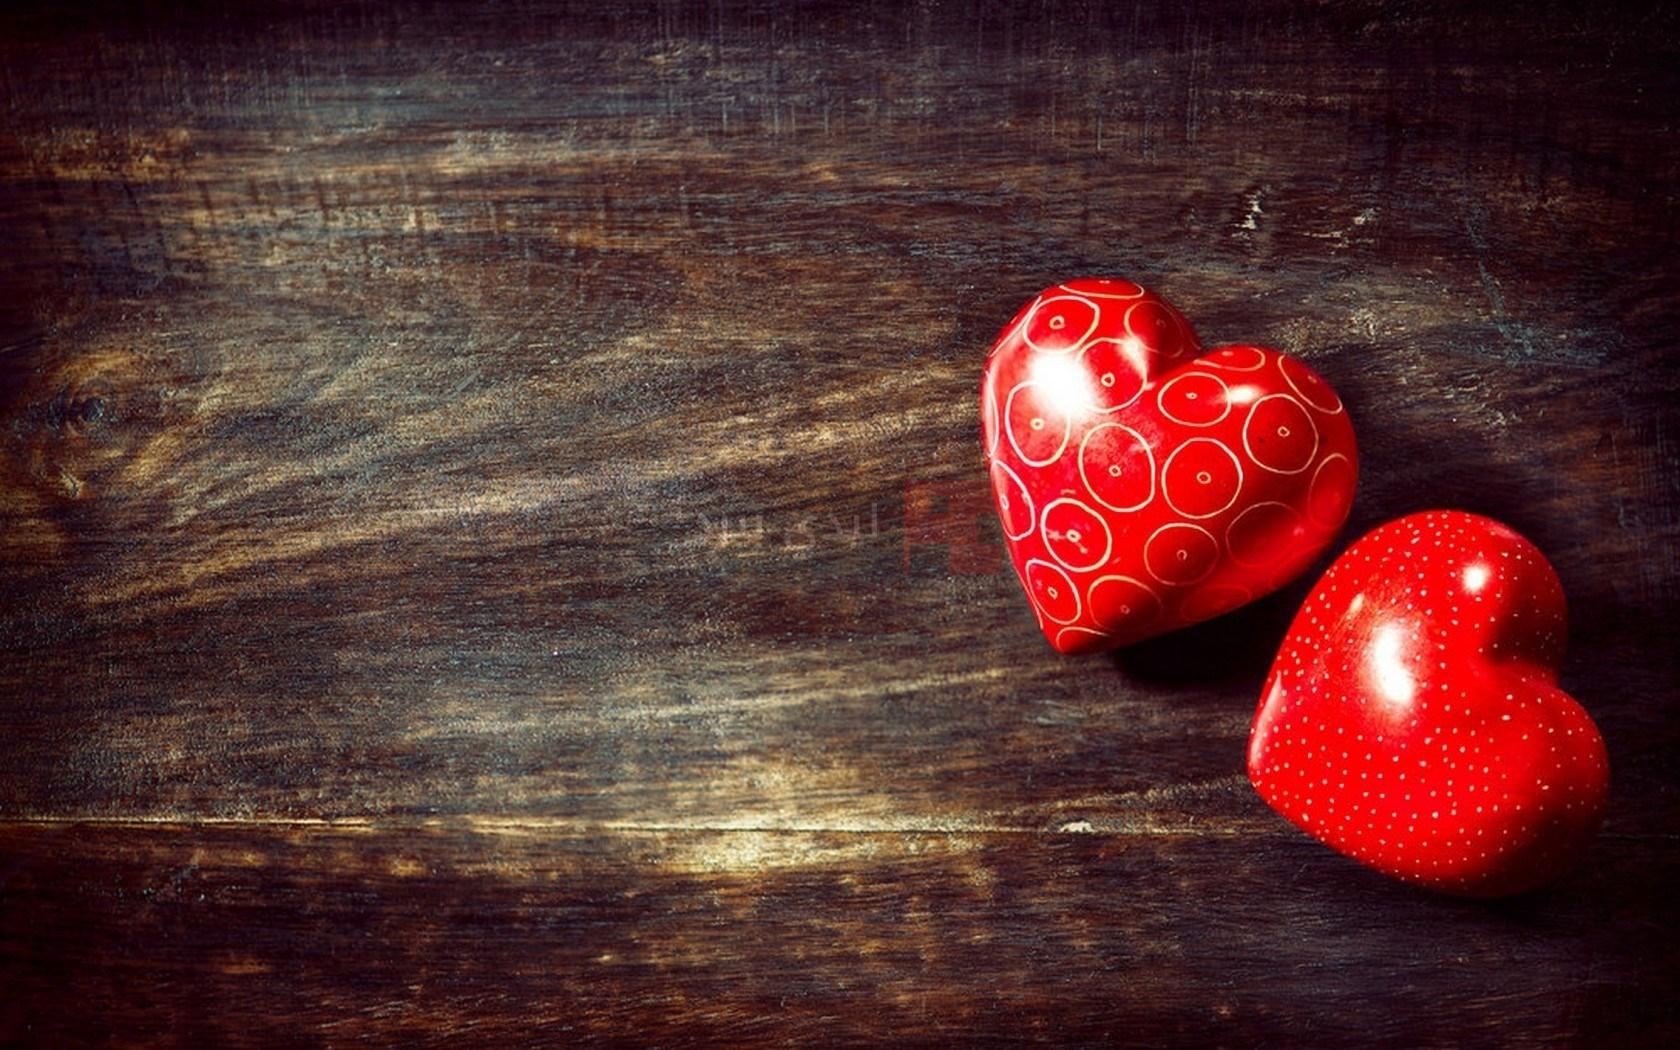 رسائل حنان ورومانسية 1